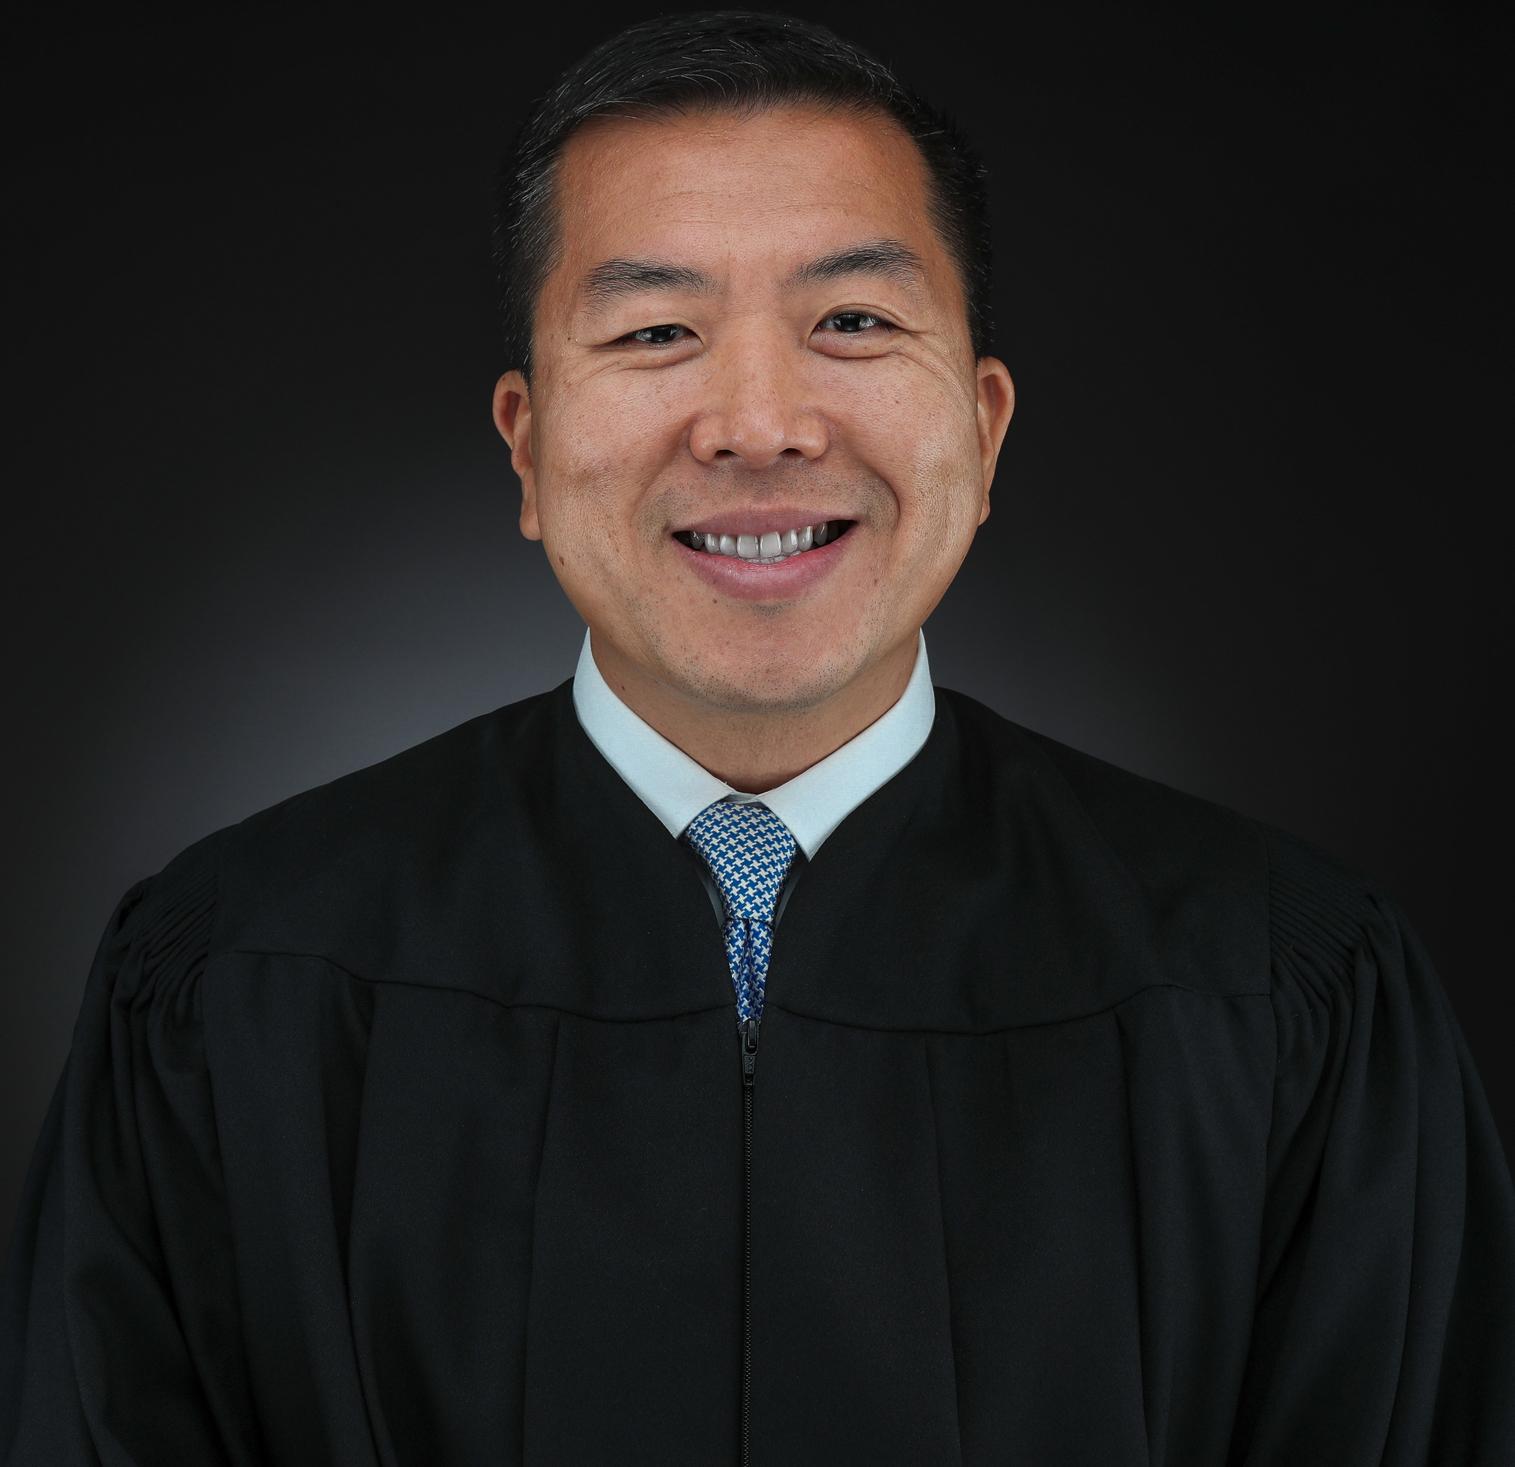 明州第七司法區法官王善忠,是該區第一位亞裔法官。(王善忠提供)